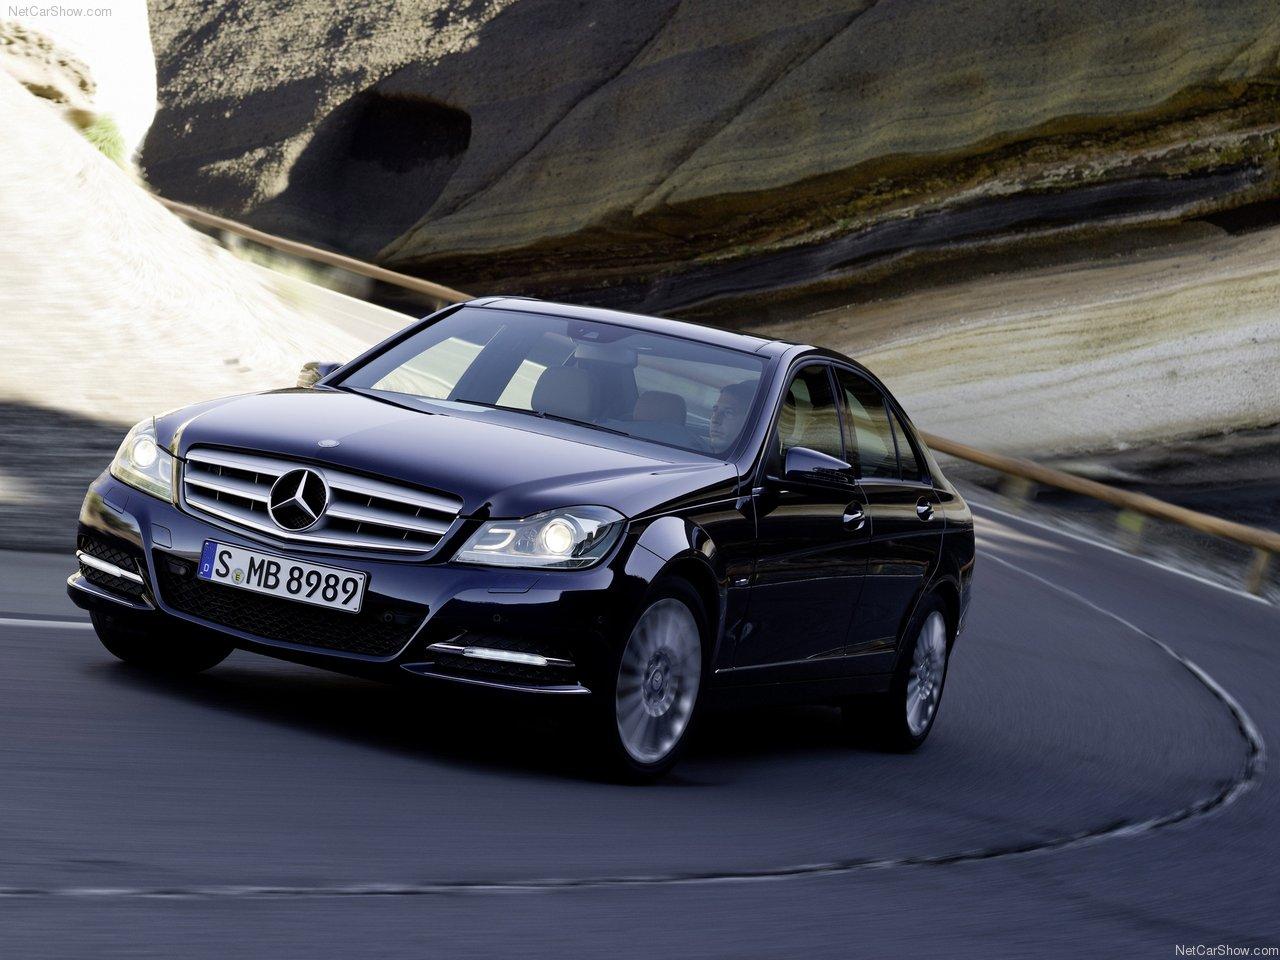 http://2.bp.blogspot.com/_lsyt_wQ2awY/TRL2cUbMW8I/AAAAAAACIXw/2KusFyo_sDY/s1600/Mercedes-Benz-C-Class_2012_1280x960_wallpaper_01.jpg